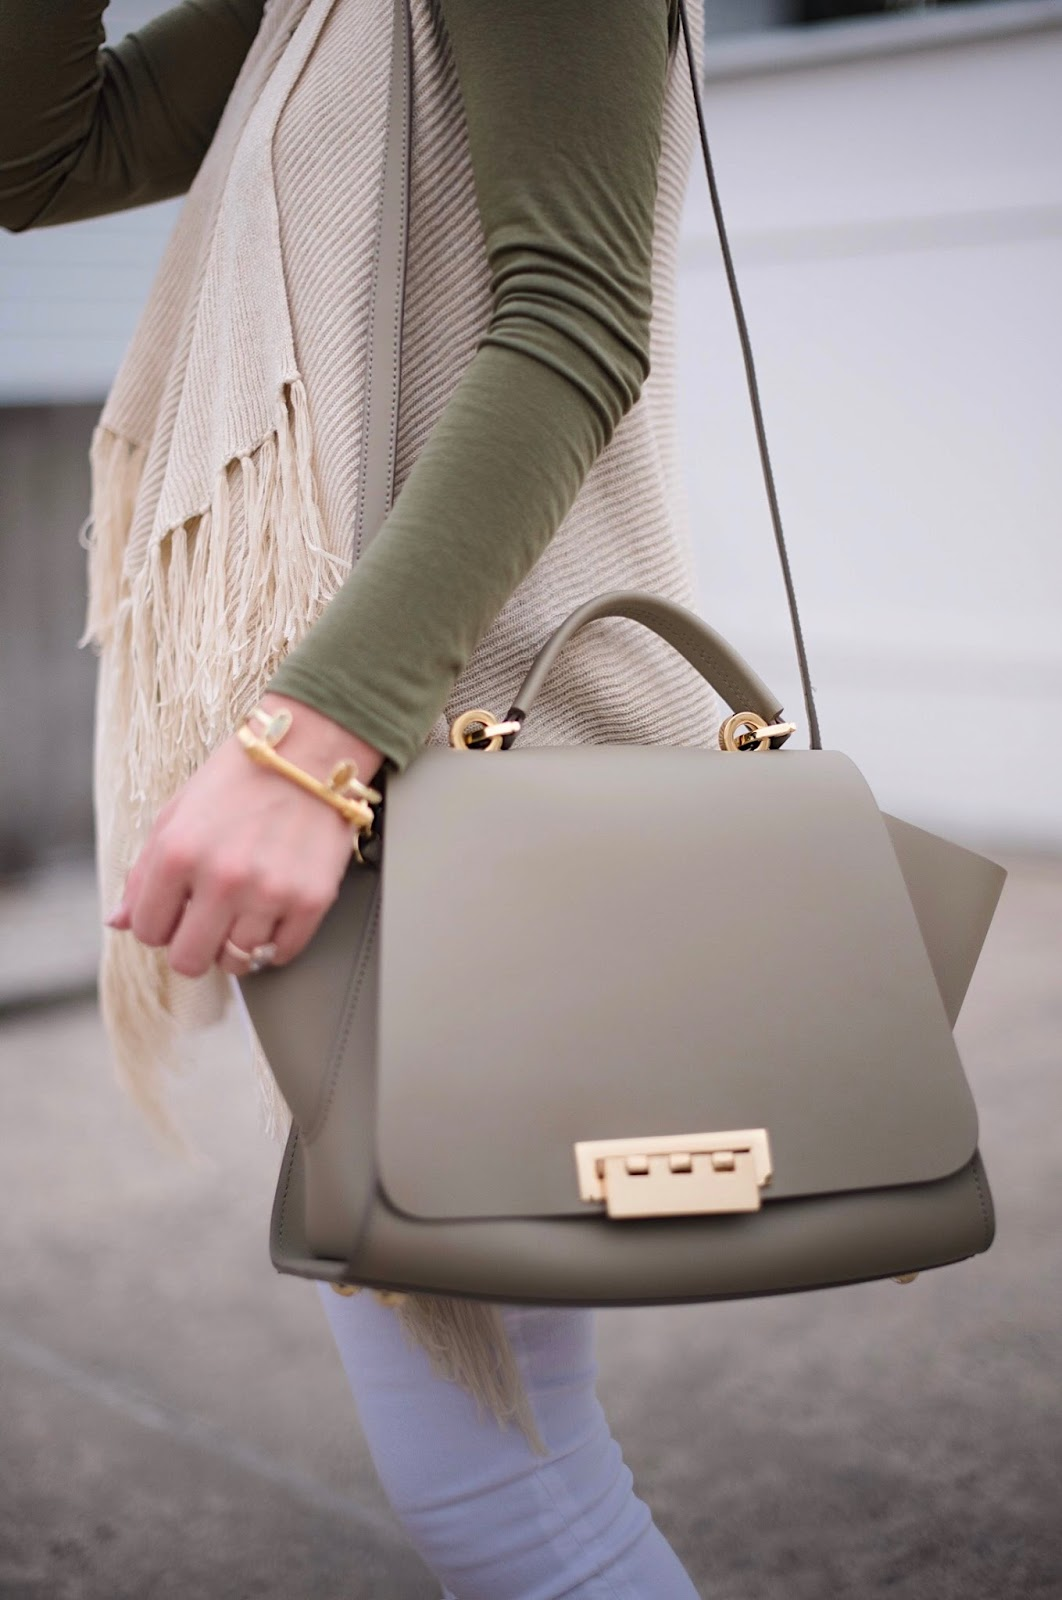 ZAC Zac Posen Eartha Soft Top Handle Bag - Something Delightful